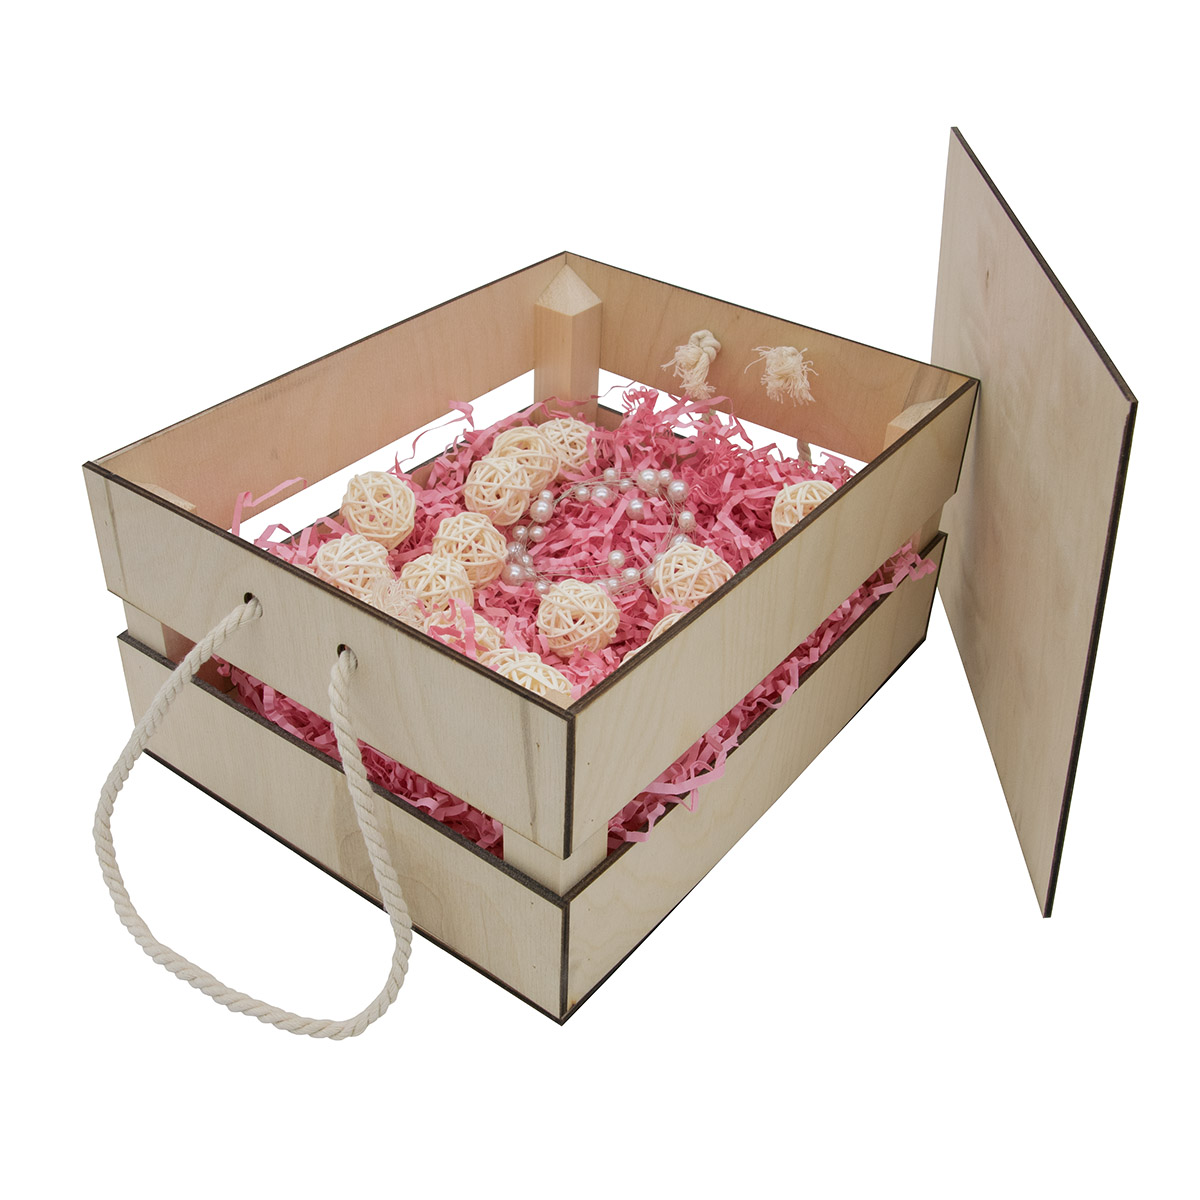 НА-020 Набор для оформления подарка 'Маффины', ящик 25*20 см, белый